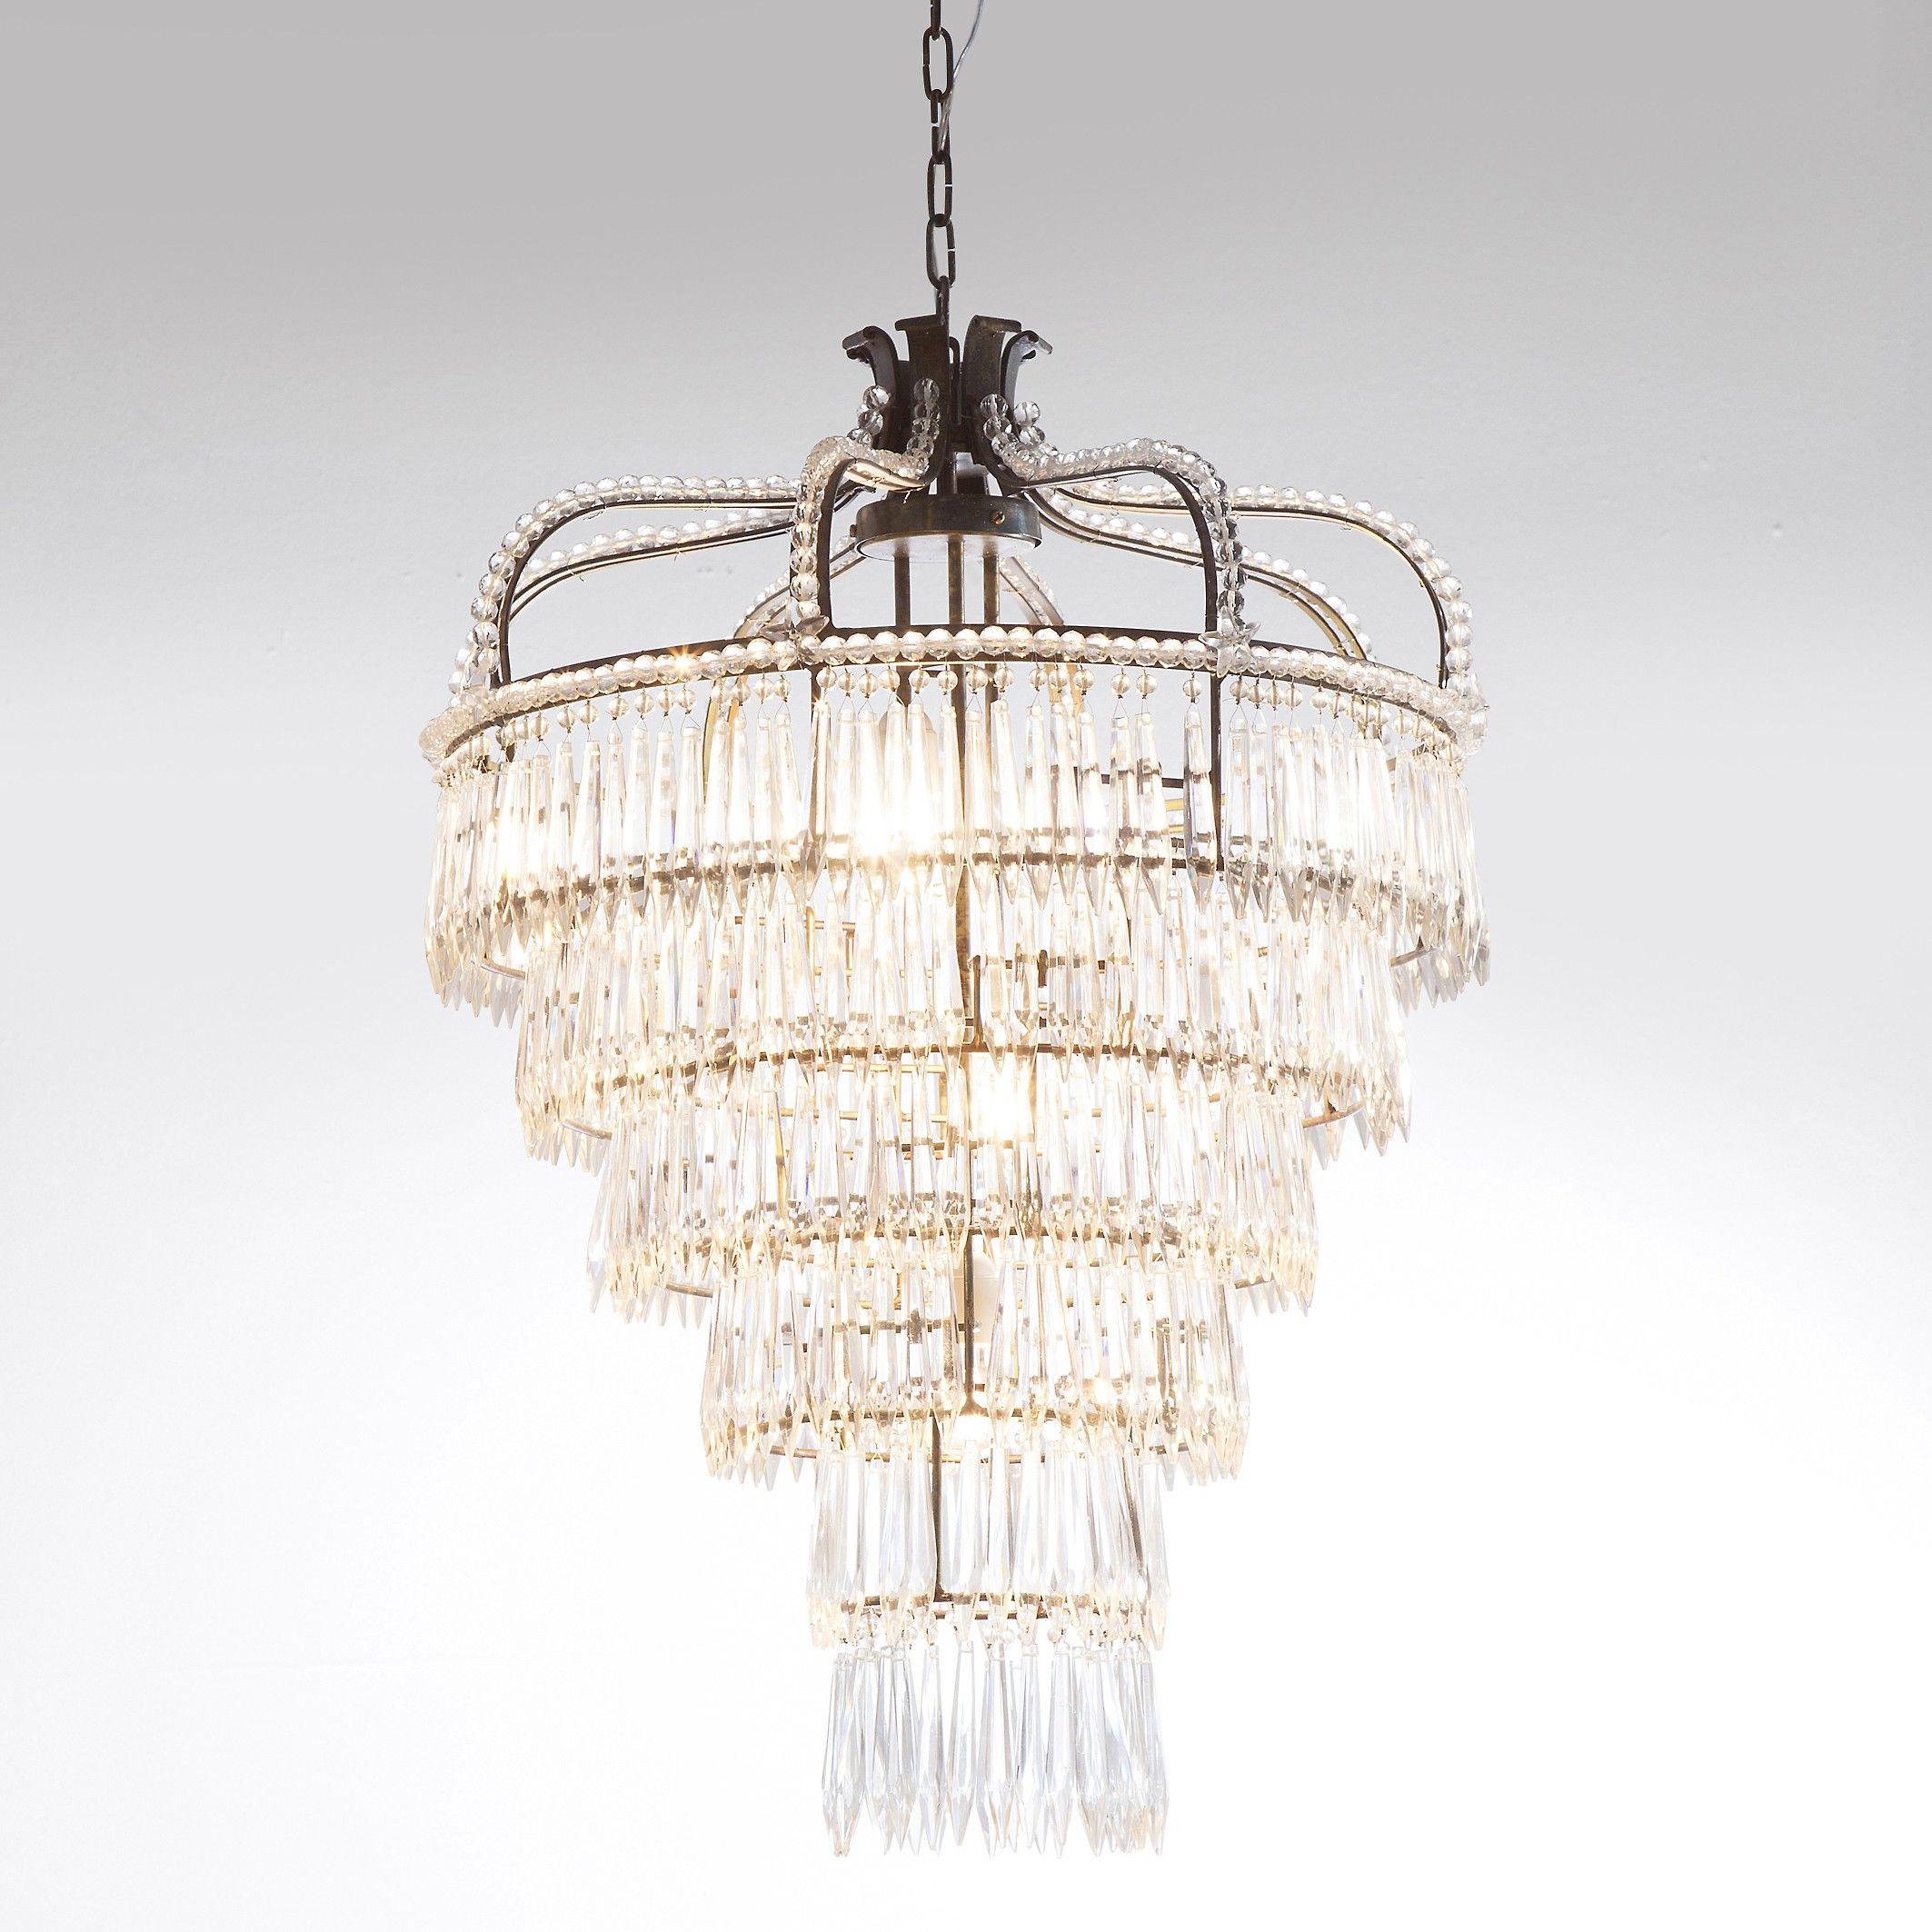 1920s Art Deco Fringe Chandelier Light Art Deco Chandelier Favorite Lighting Chandelier Lighting